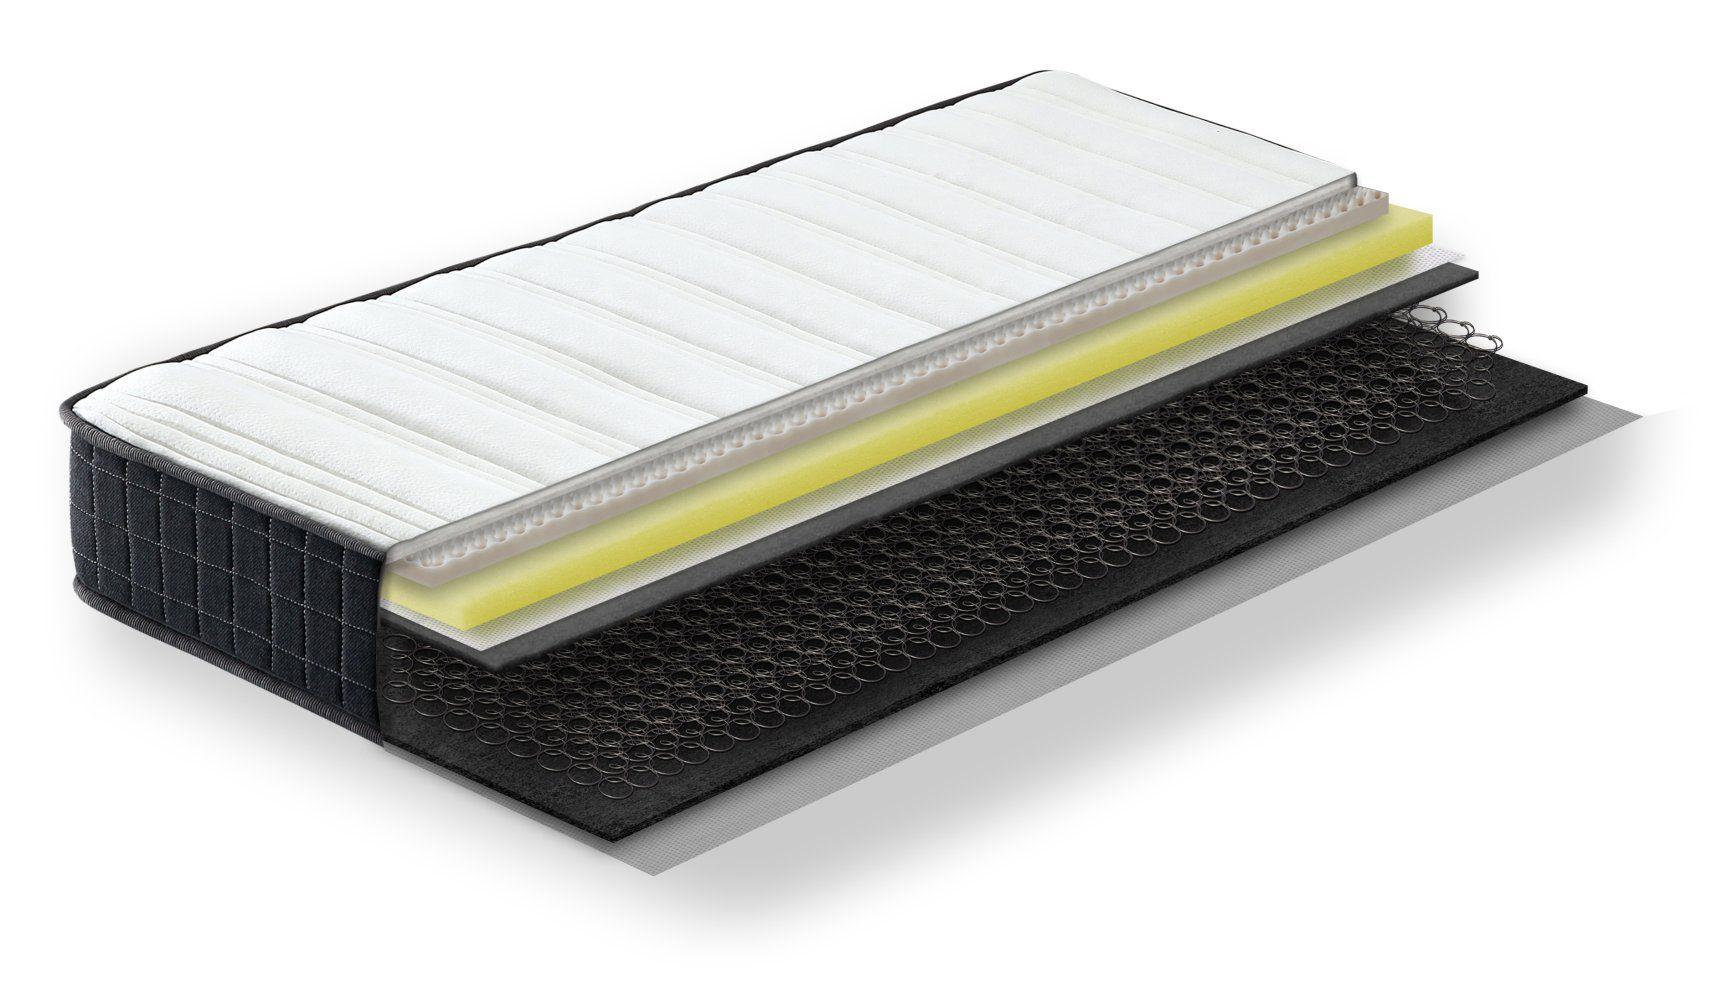 Steiner Premium matras Dream met bonellveren kern - afmeting: 90 x 200 cm, hardheidsgraad H2-H3, hoogte: 20 cm